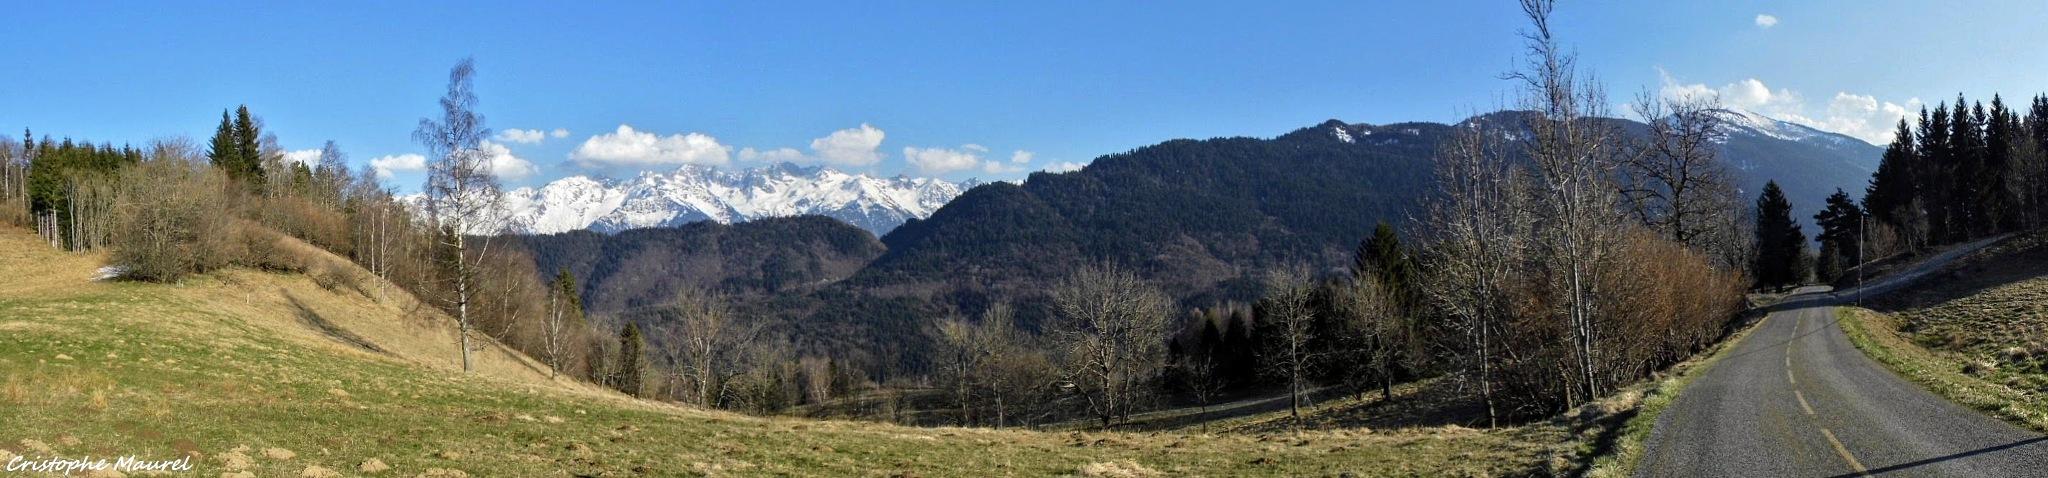 Savoie......Col de Champlaurent. by christophe.maurel15